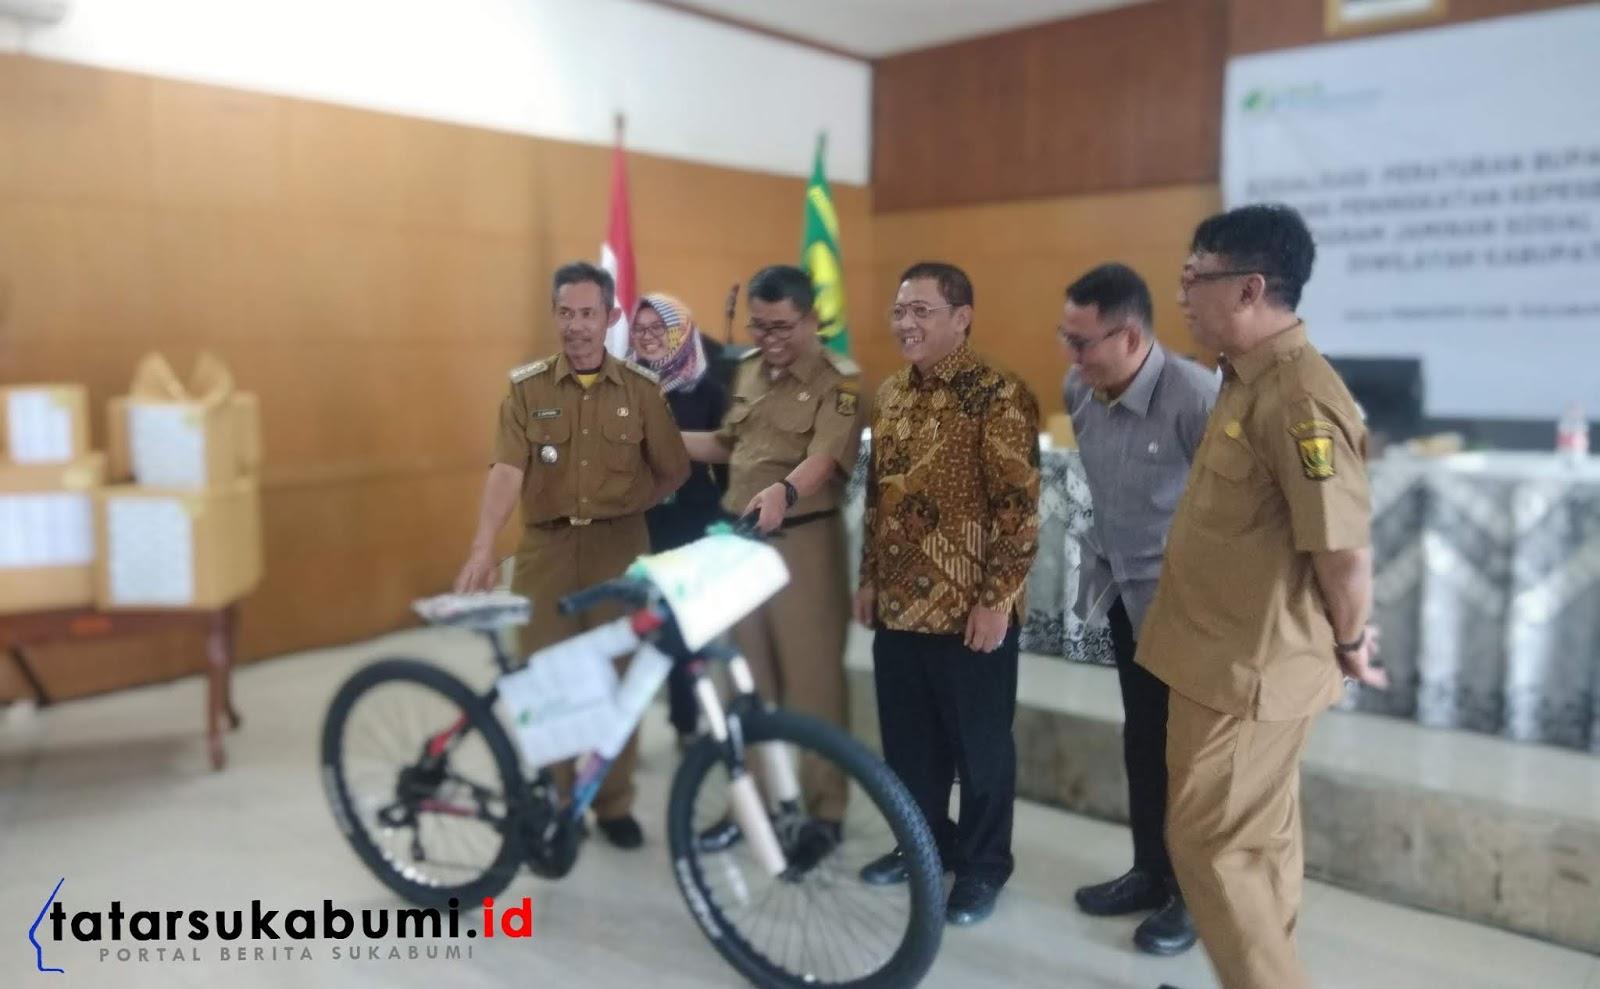 Perbup Nomor 9 2019 Pemkab Sukabumi Minta Perusahaan Hingga Aparatur Desa Jadi Peserta BPJS Ketenagakerjaan